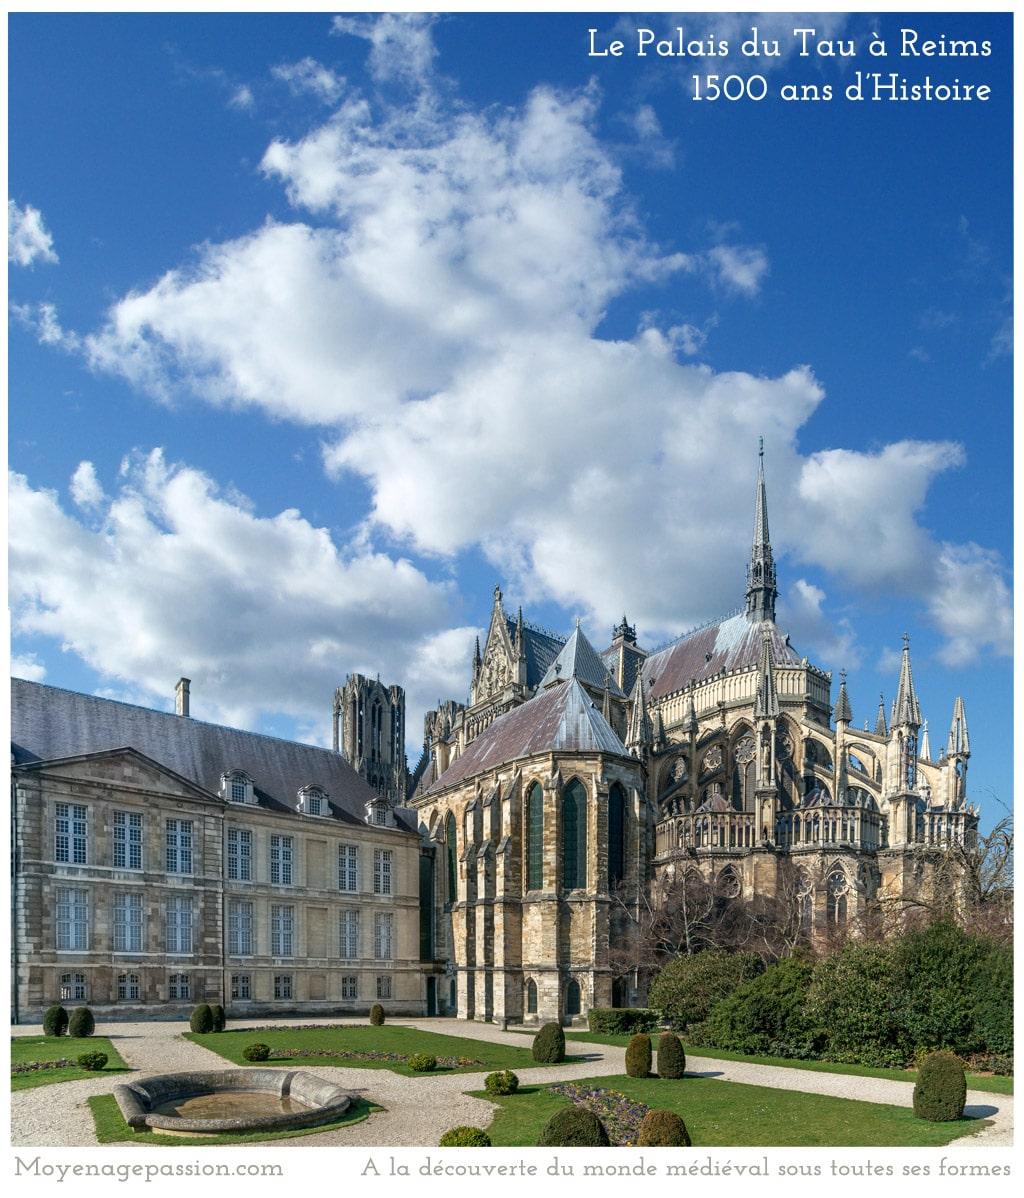 palais_du_tau_reims_monument_historique_patrimoine_national_residence_royale_moyen-age_central